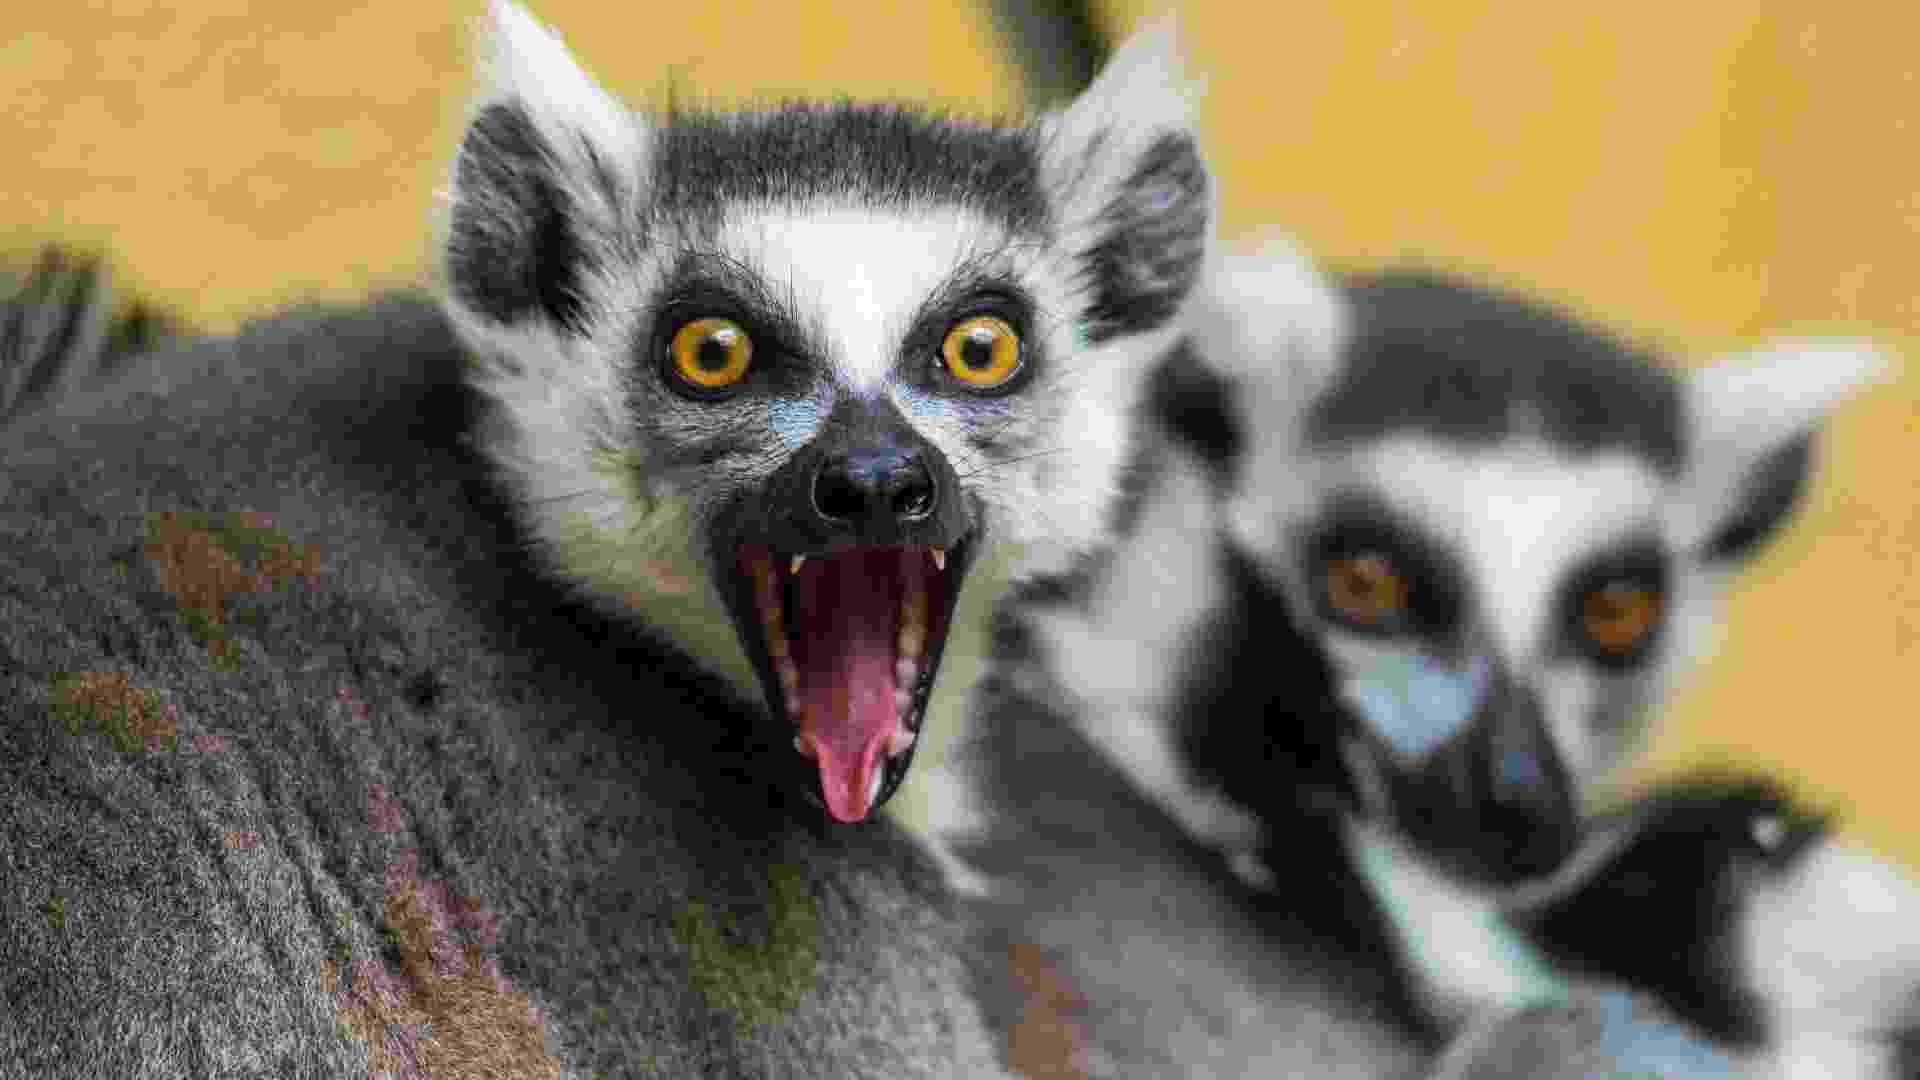 25.mar.2013 - Lêmure do zoológico Tierpark em Straubing, sul da Alemanha, reage à proximidade do fotógrafo. A espécie é comum das regiões áridas do sudoeste de Madagascar - Armin Weigel/AFP